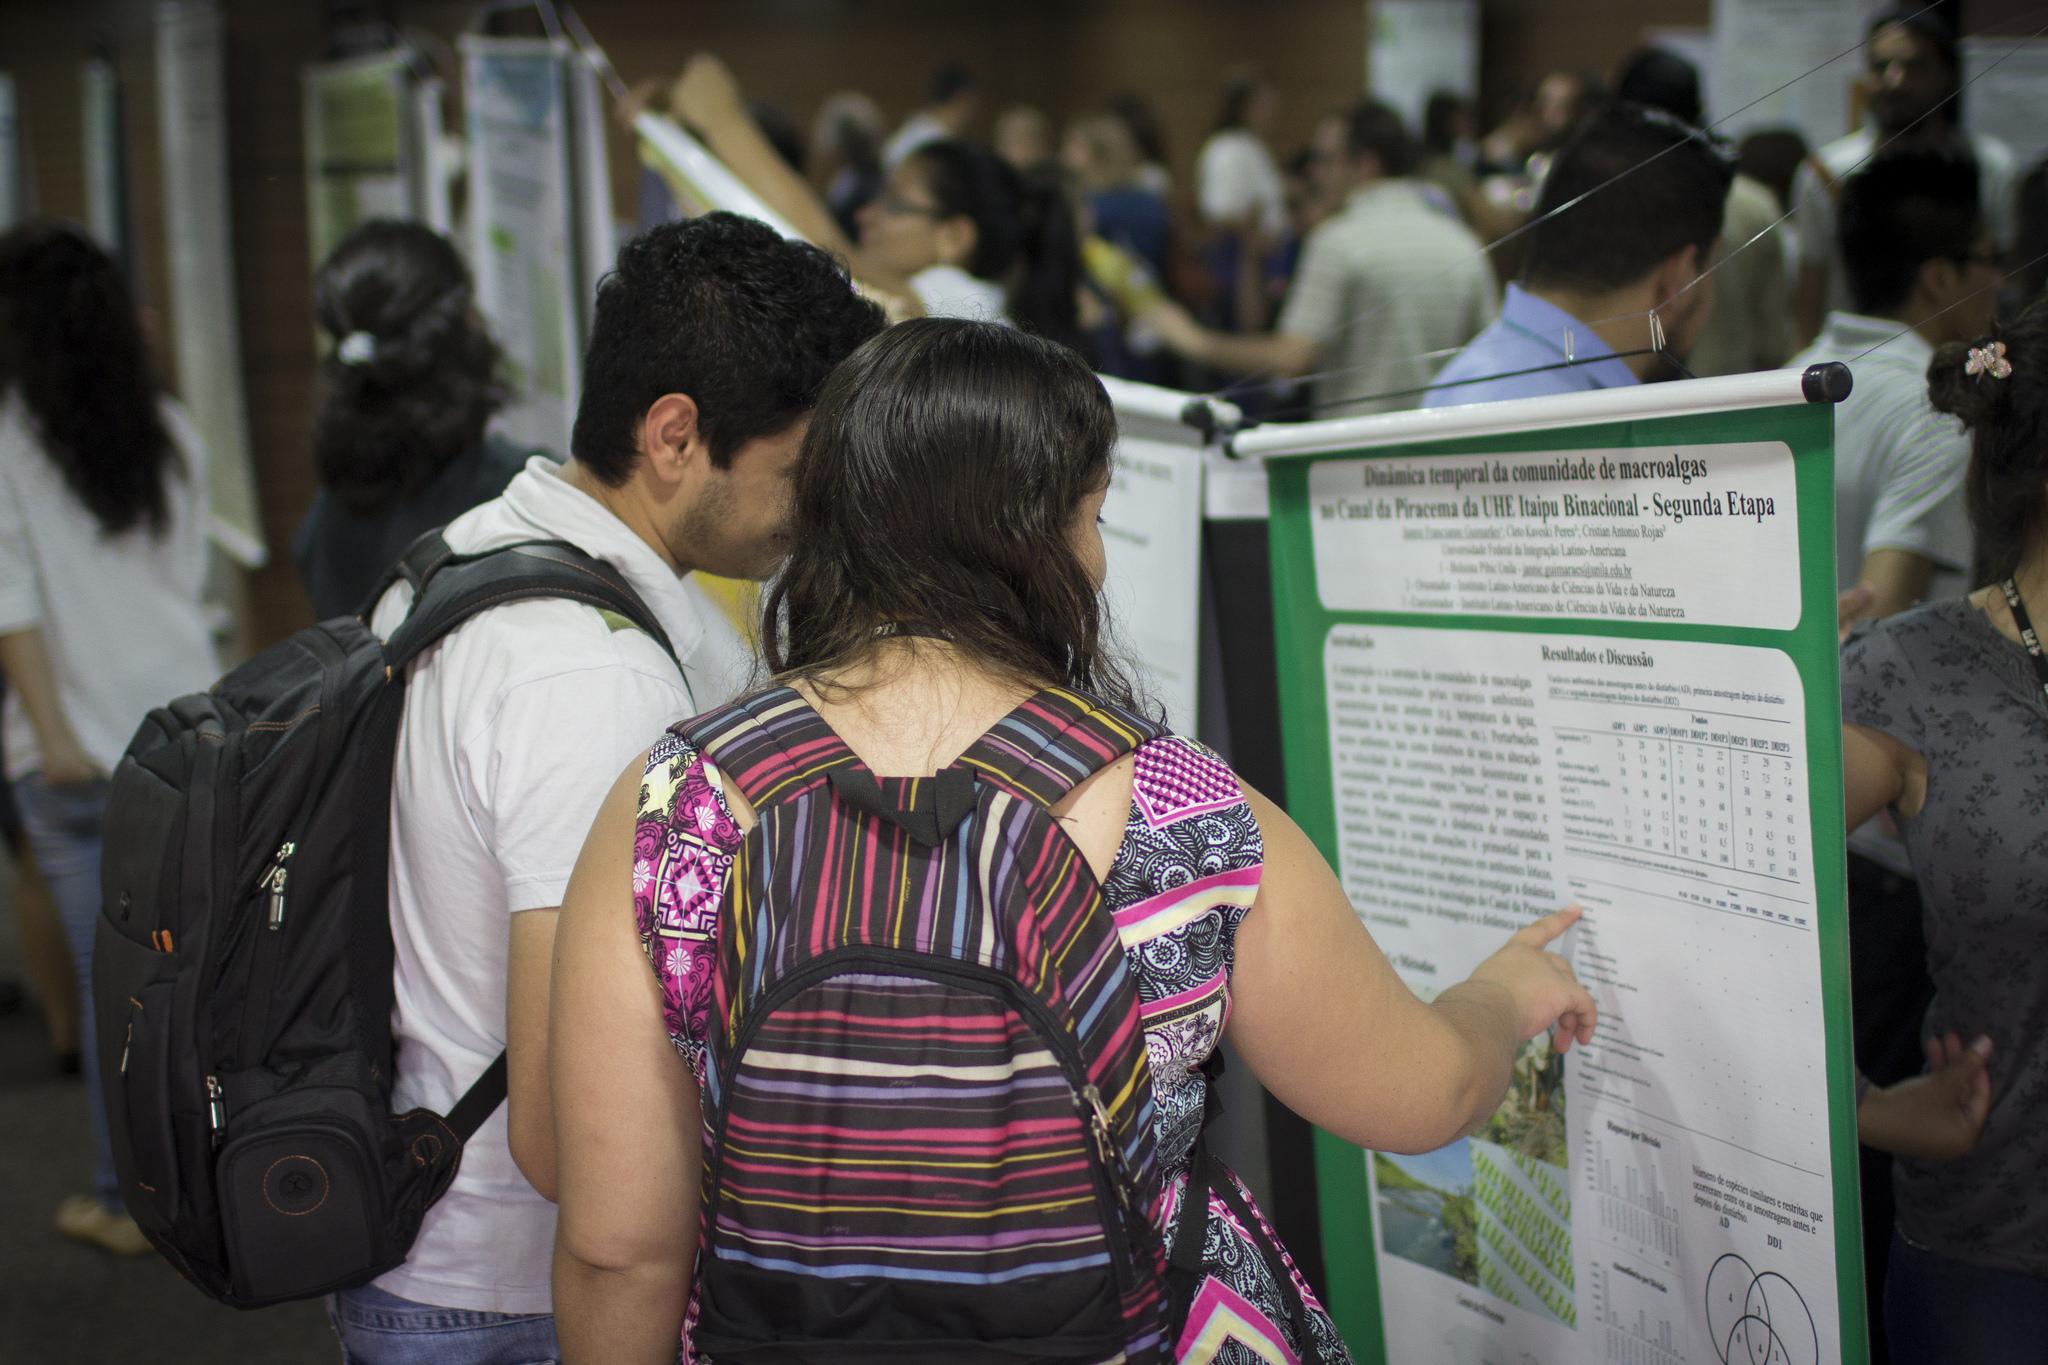 Equipes de pesquisadores irão apresentar os resultados de seus estudos em eventos públicos de divulgação, abertos para a comunidade